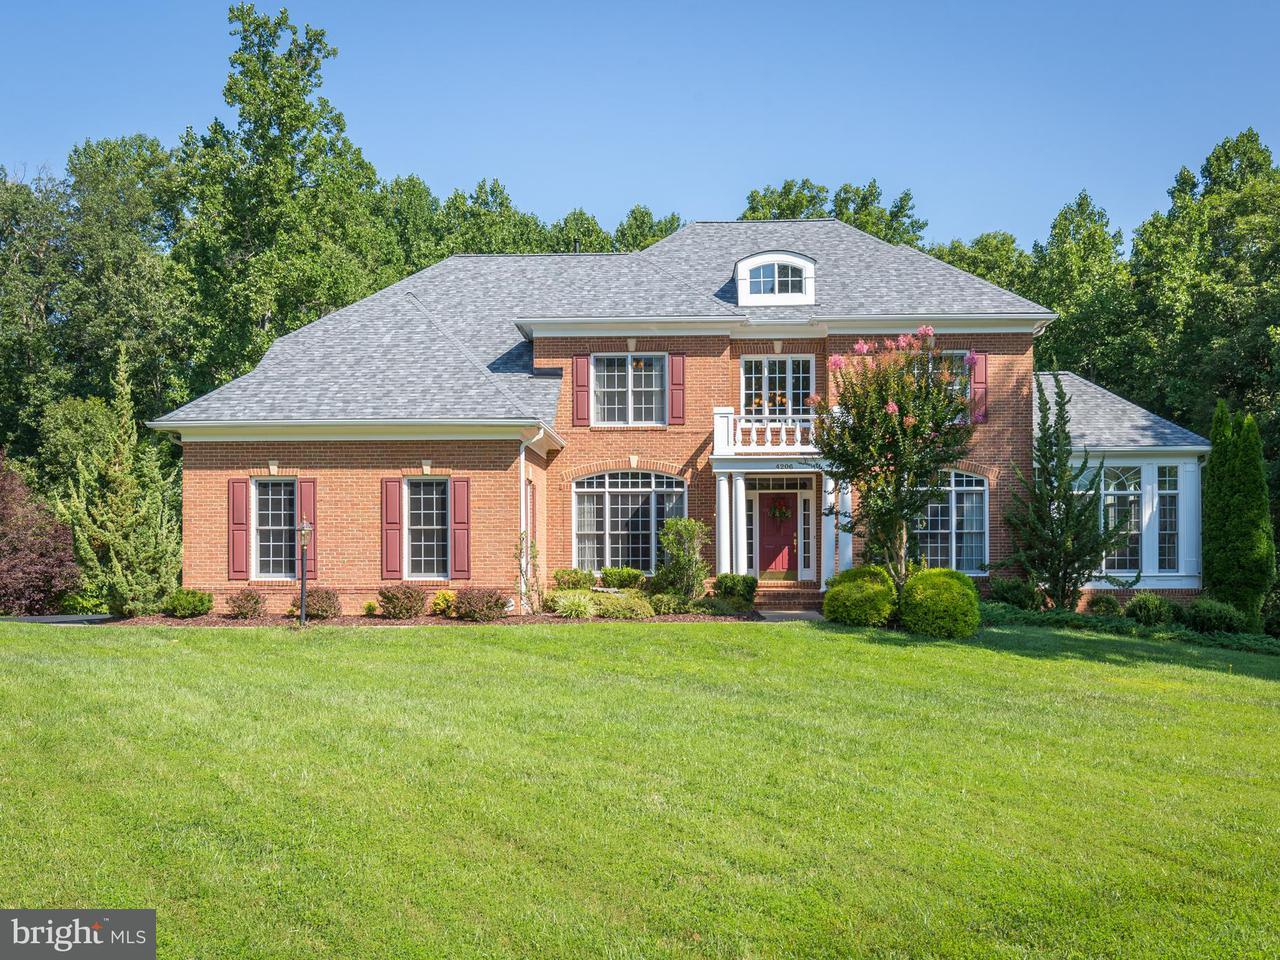 Casa Unifamiliar por un Venta en 4206 ROEBURN Court 4206 ROEBURN Court Woodbridge, Virginia 22192 Estados Unidos